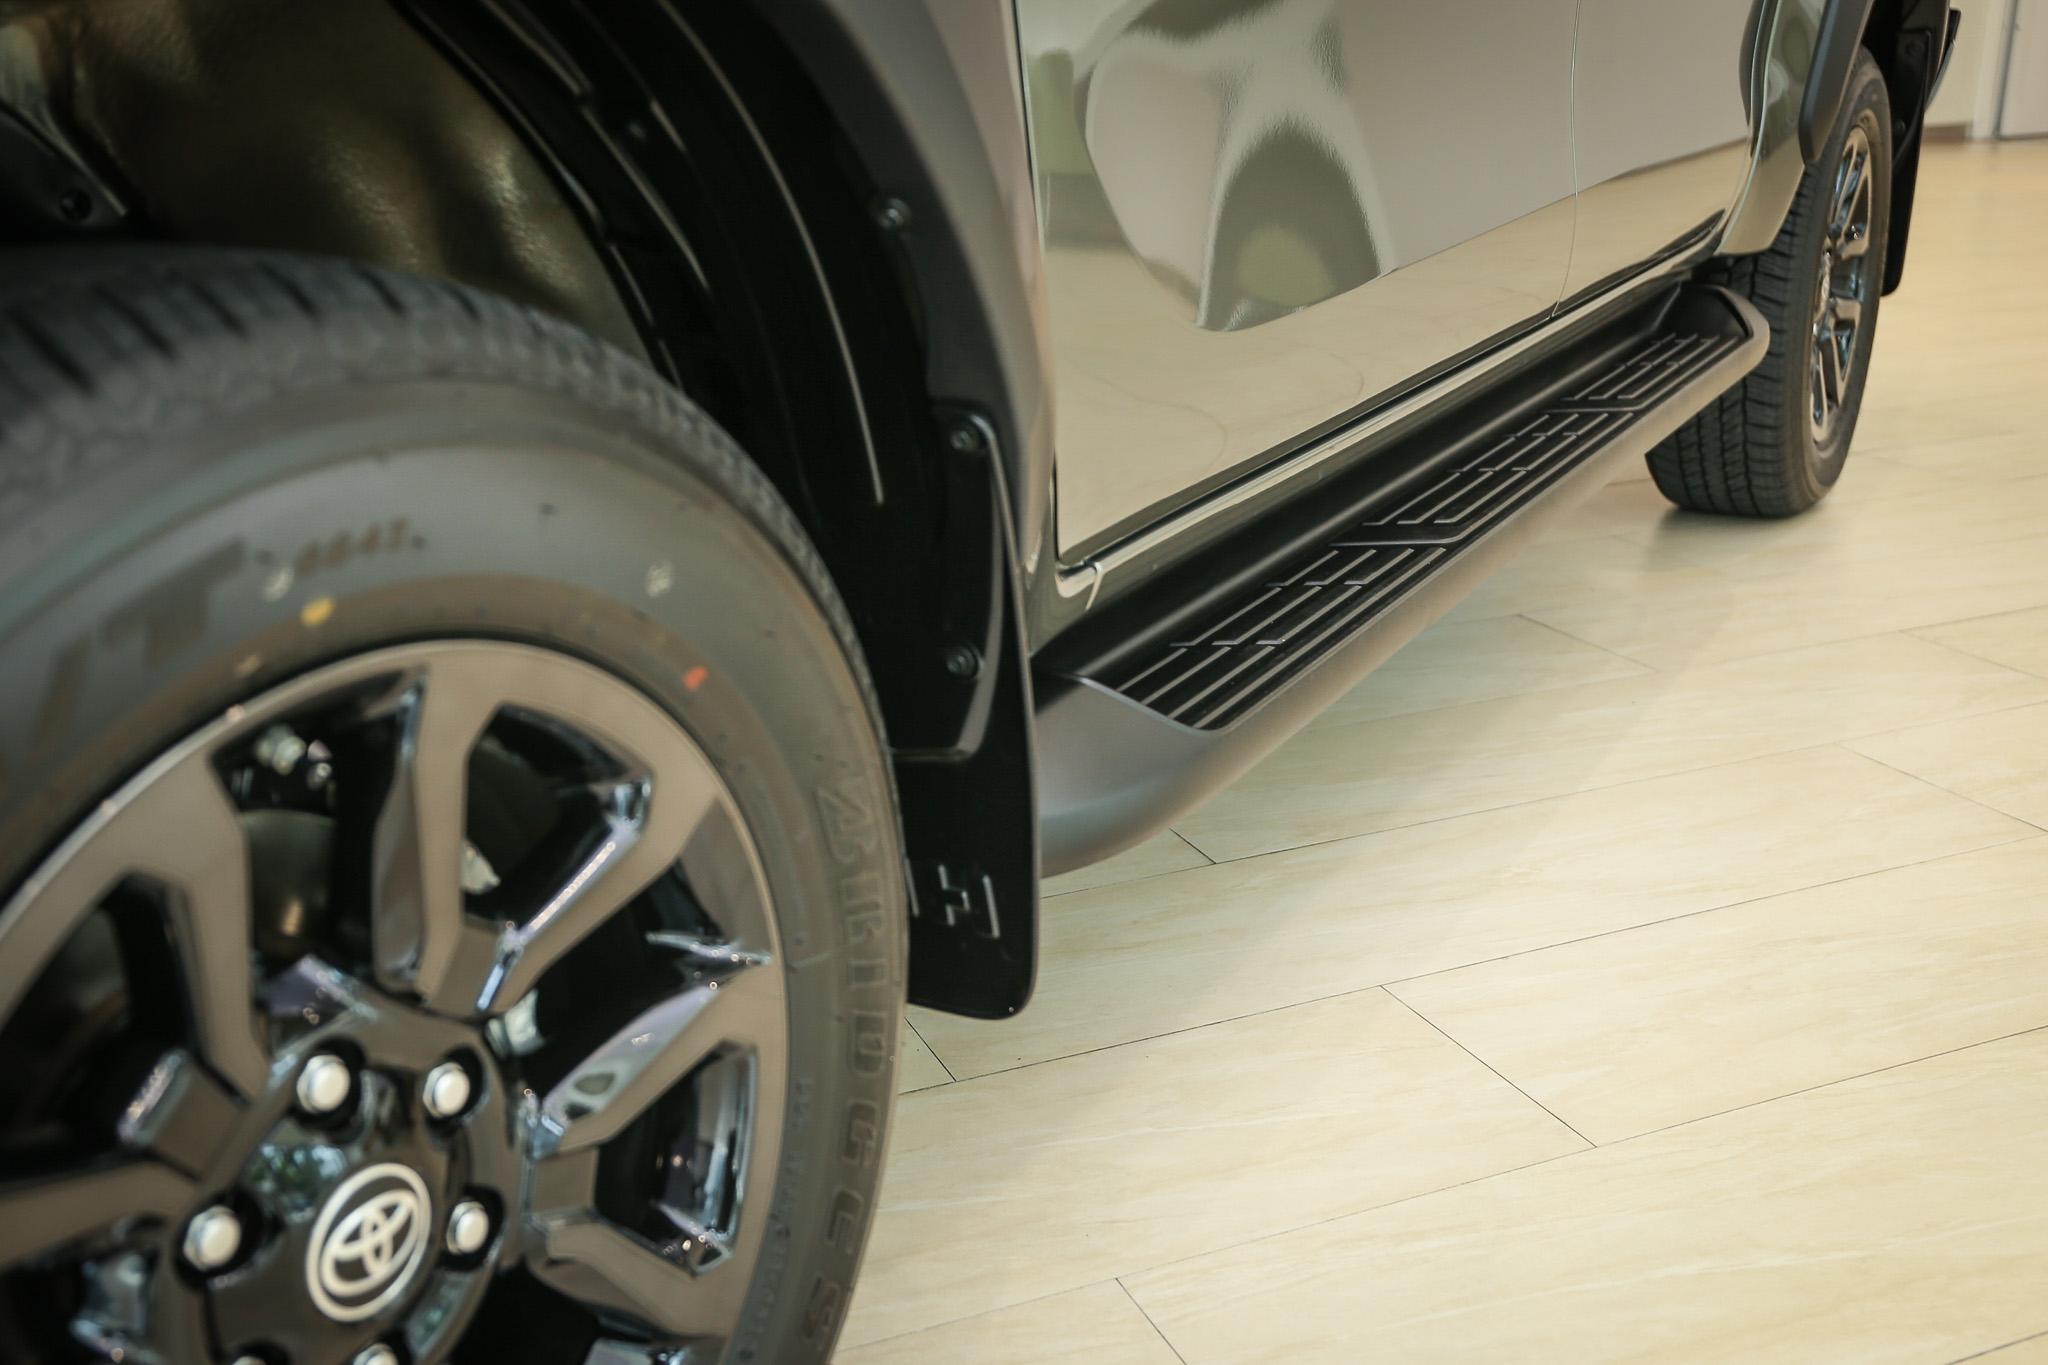 採 18 吋曜黑鋁圈搭配輪拱防刮飾板。